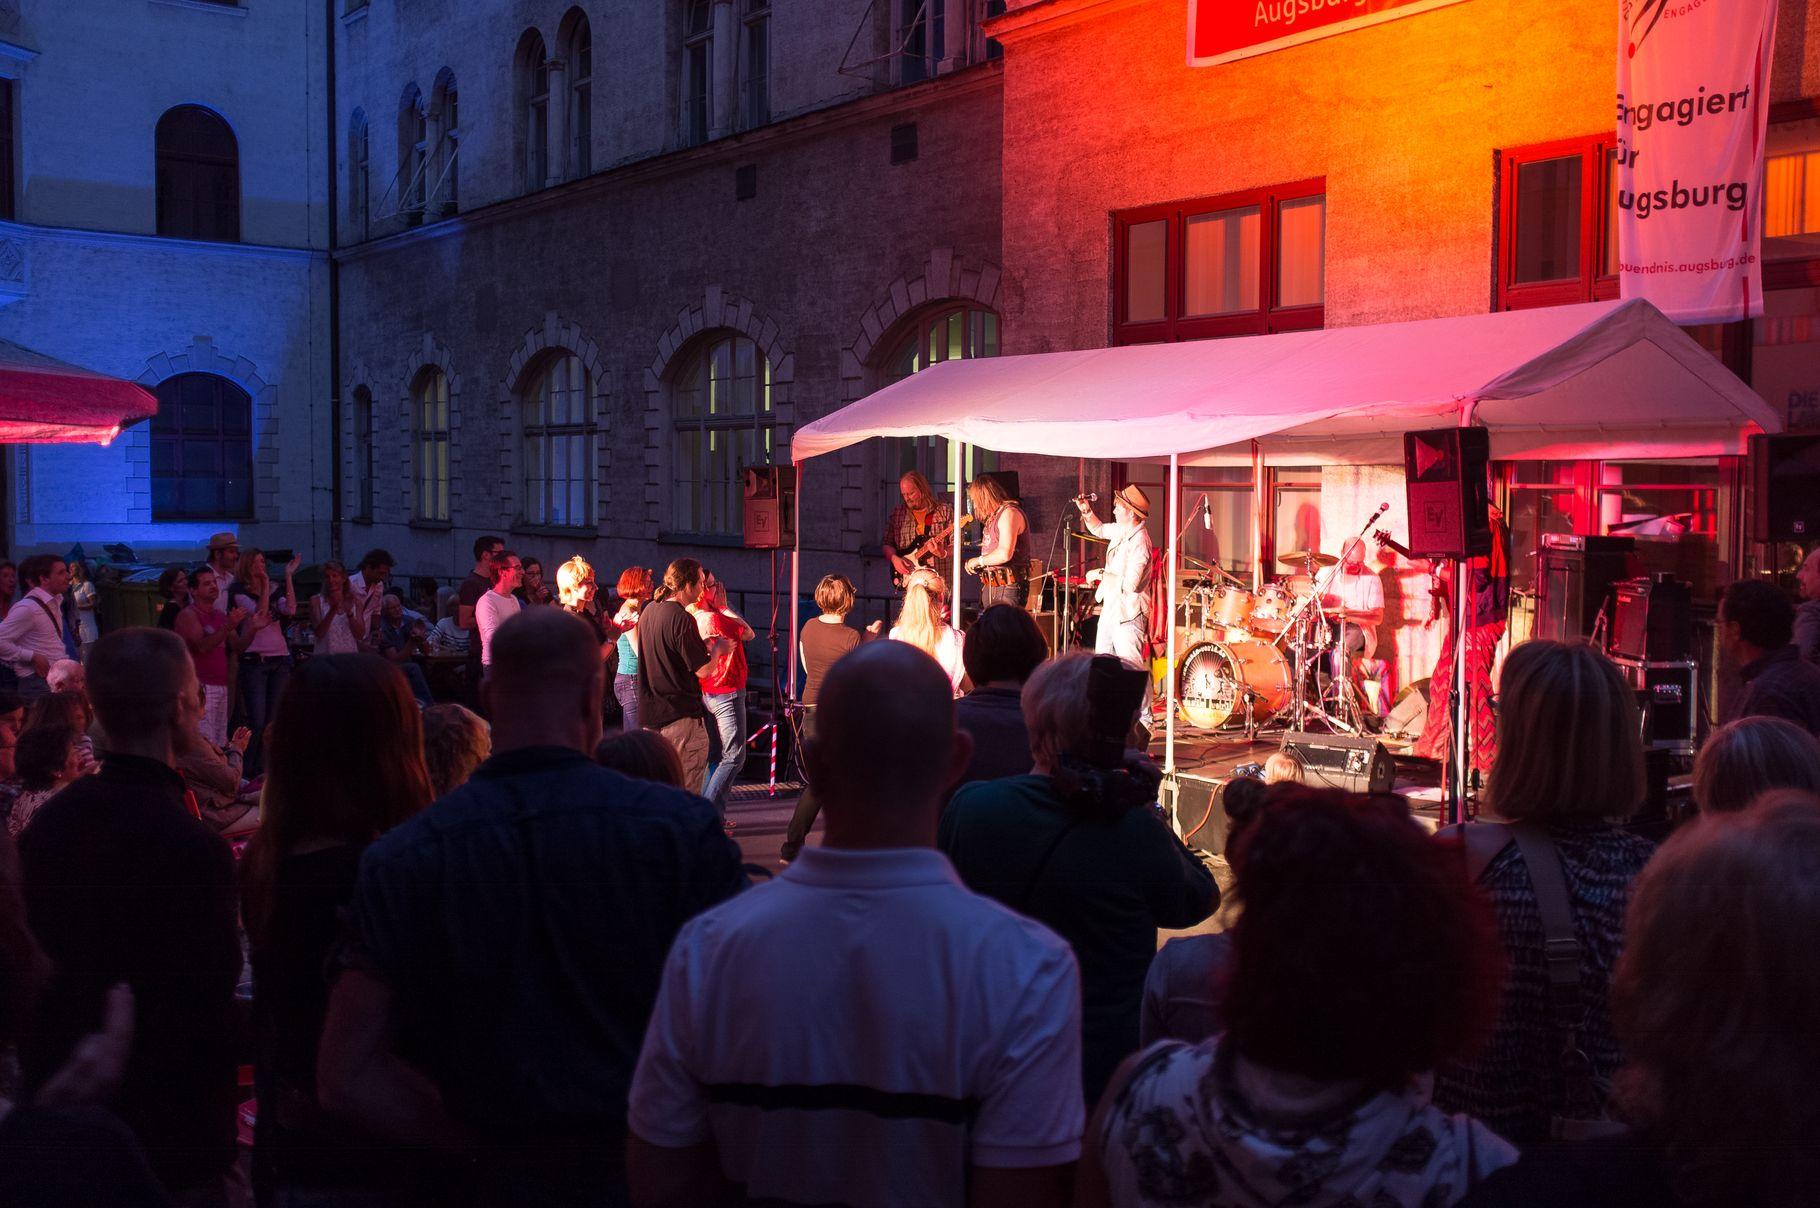 Konzerte im Bürgerhof 27.06.14 Catfish - Freiwilligen-Zentrum Augsburg - Foto: Crayfish